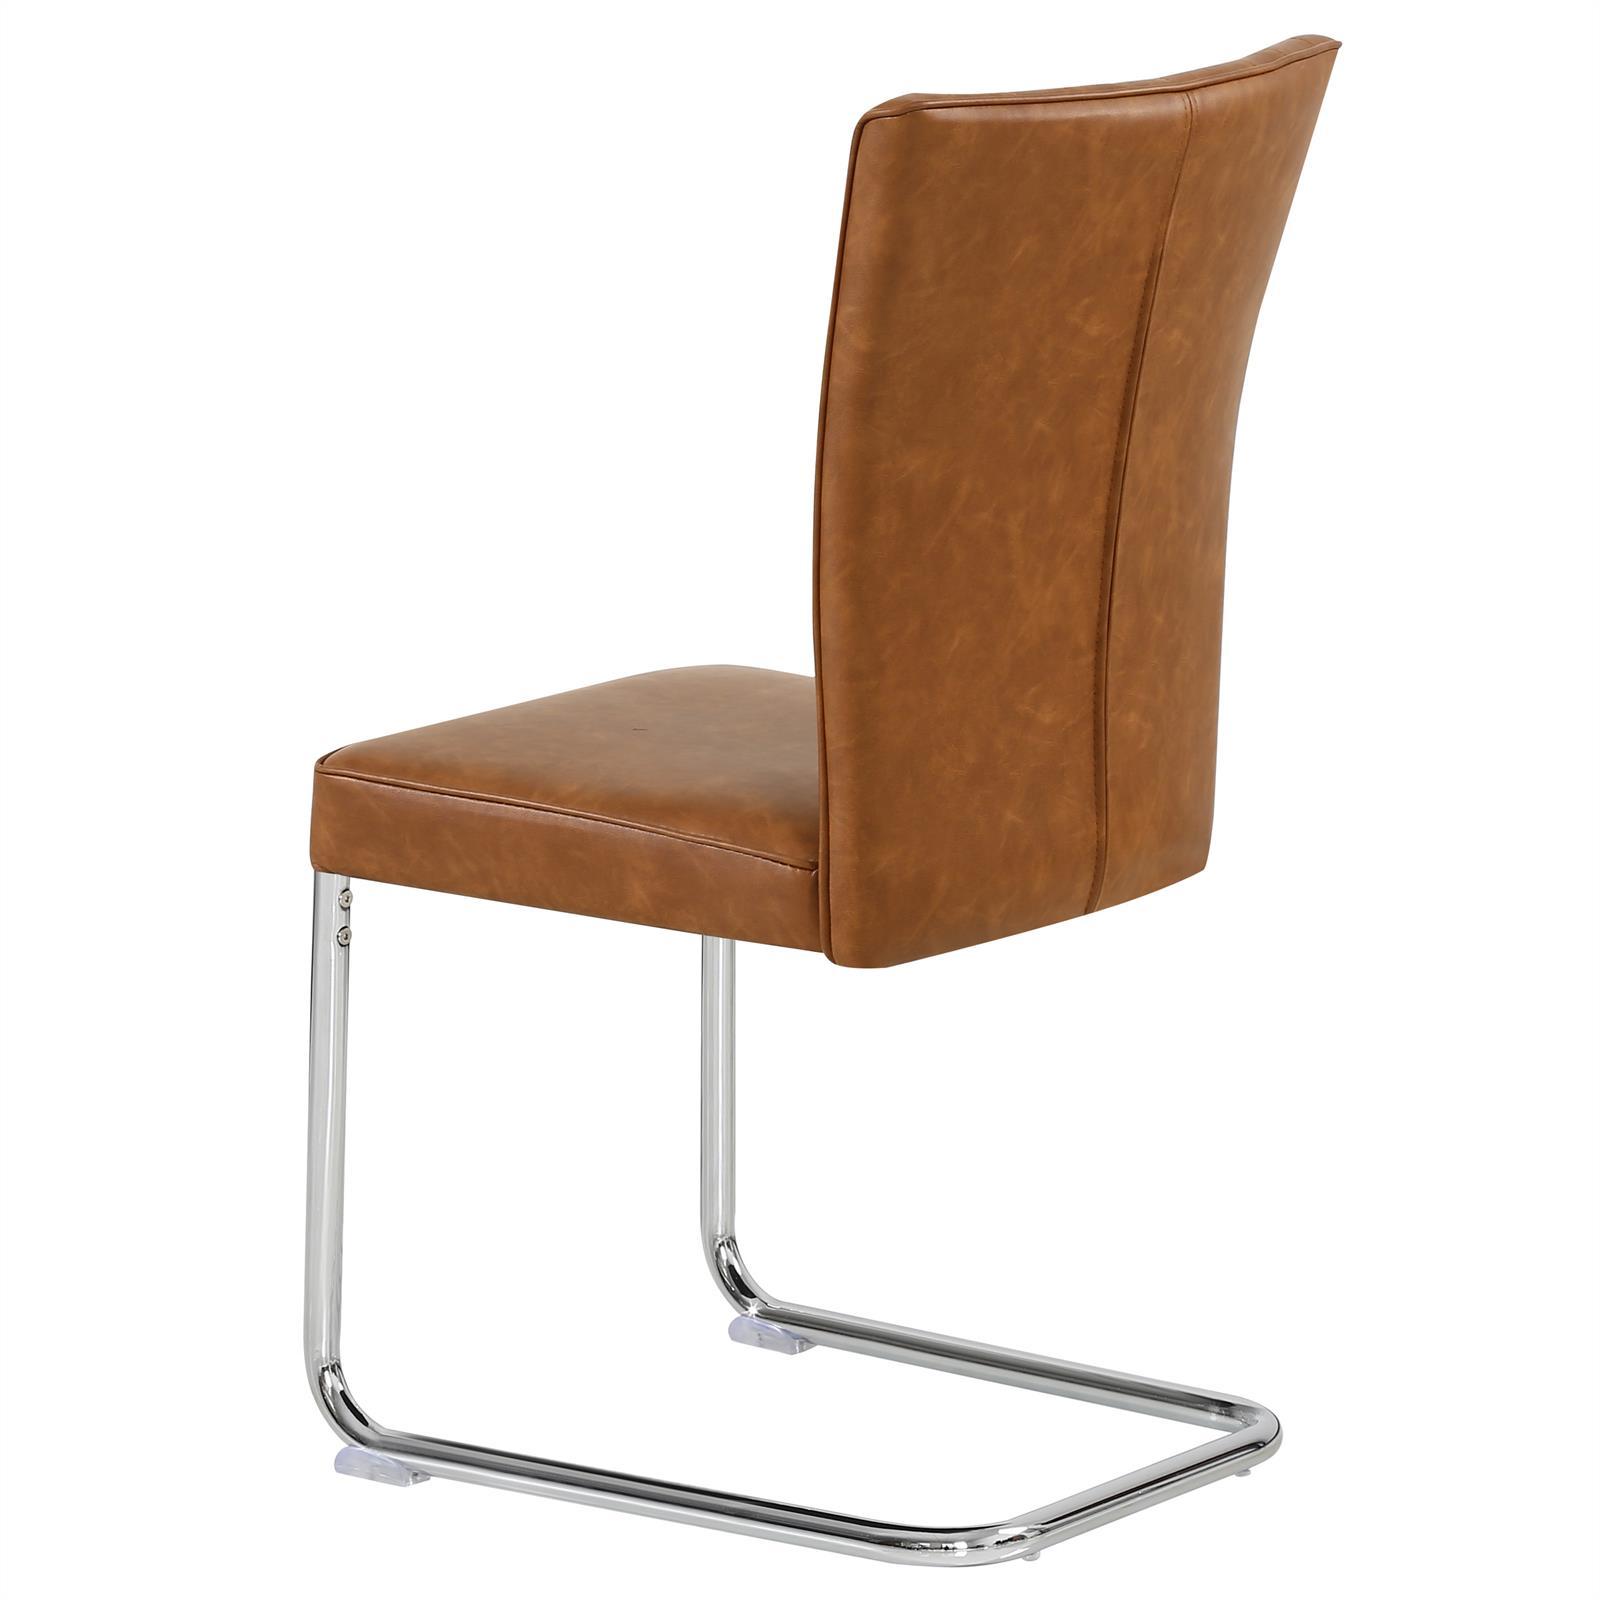 4er set esszimmerstuhl beverly in braun caro m bel. Black Bedroom Furniture Sets. Home Design Ideas